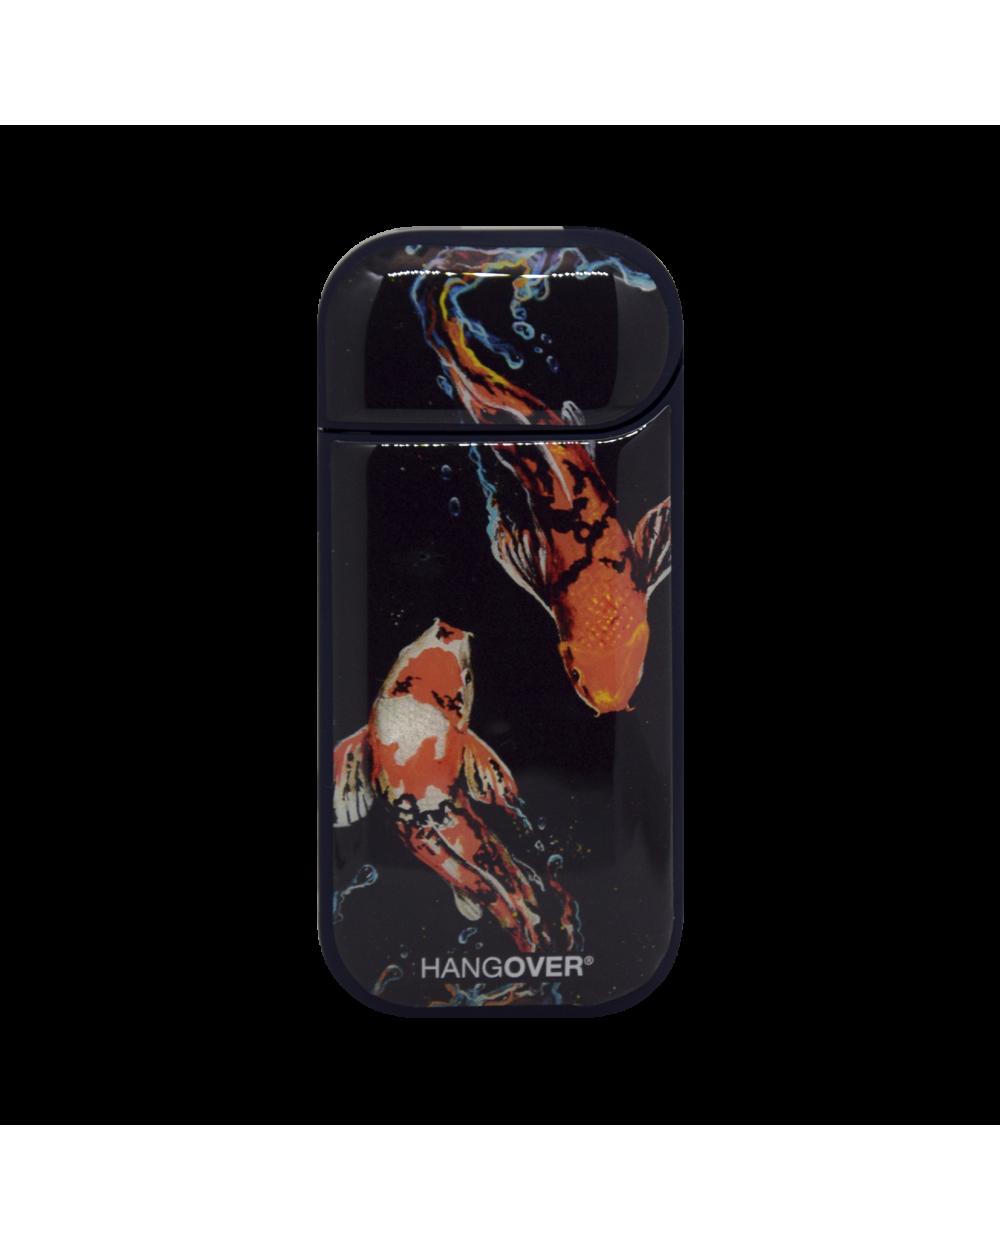 Carpe - Cover SmartSkin Adesiva in Resina Speciale per Iqos 2.4 e 2.4 plus by Hangover